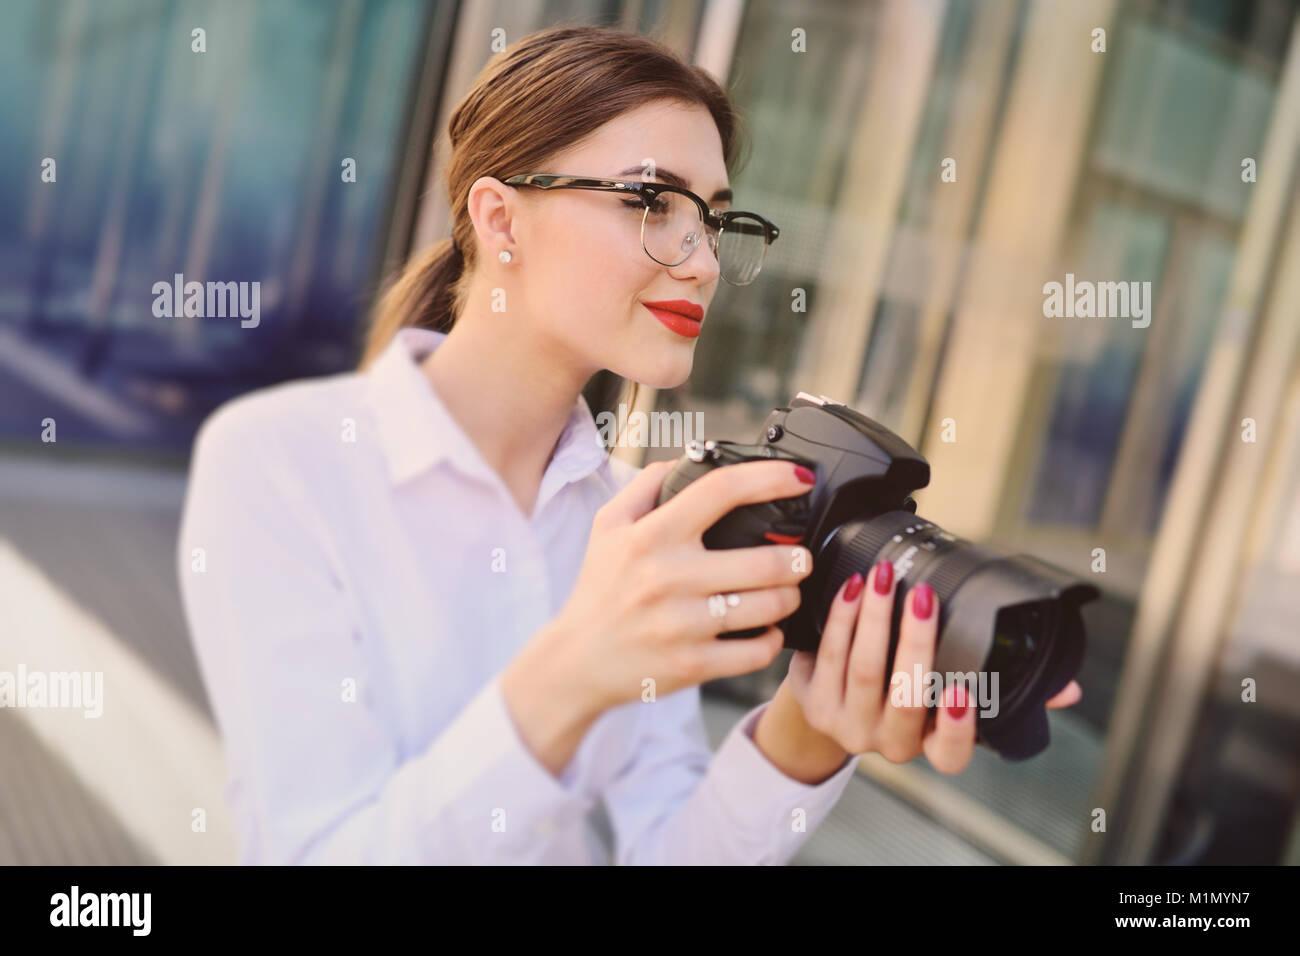 Giovane e bella ragazza in camicia bianca tenendo in mano la fotocamera preme il pulsante otturatore e guarda nel Immagini Stock